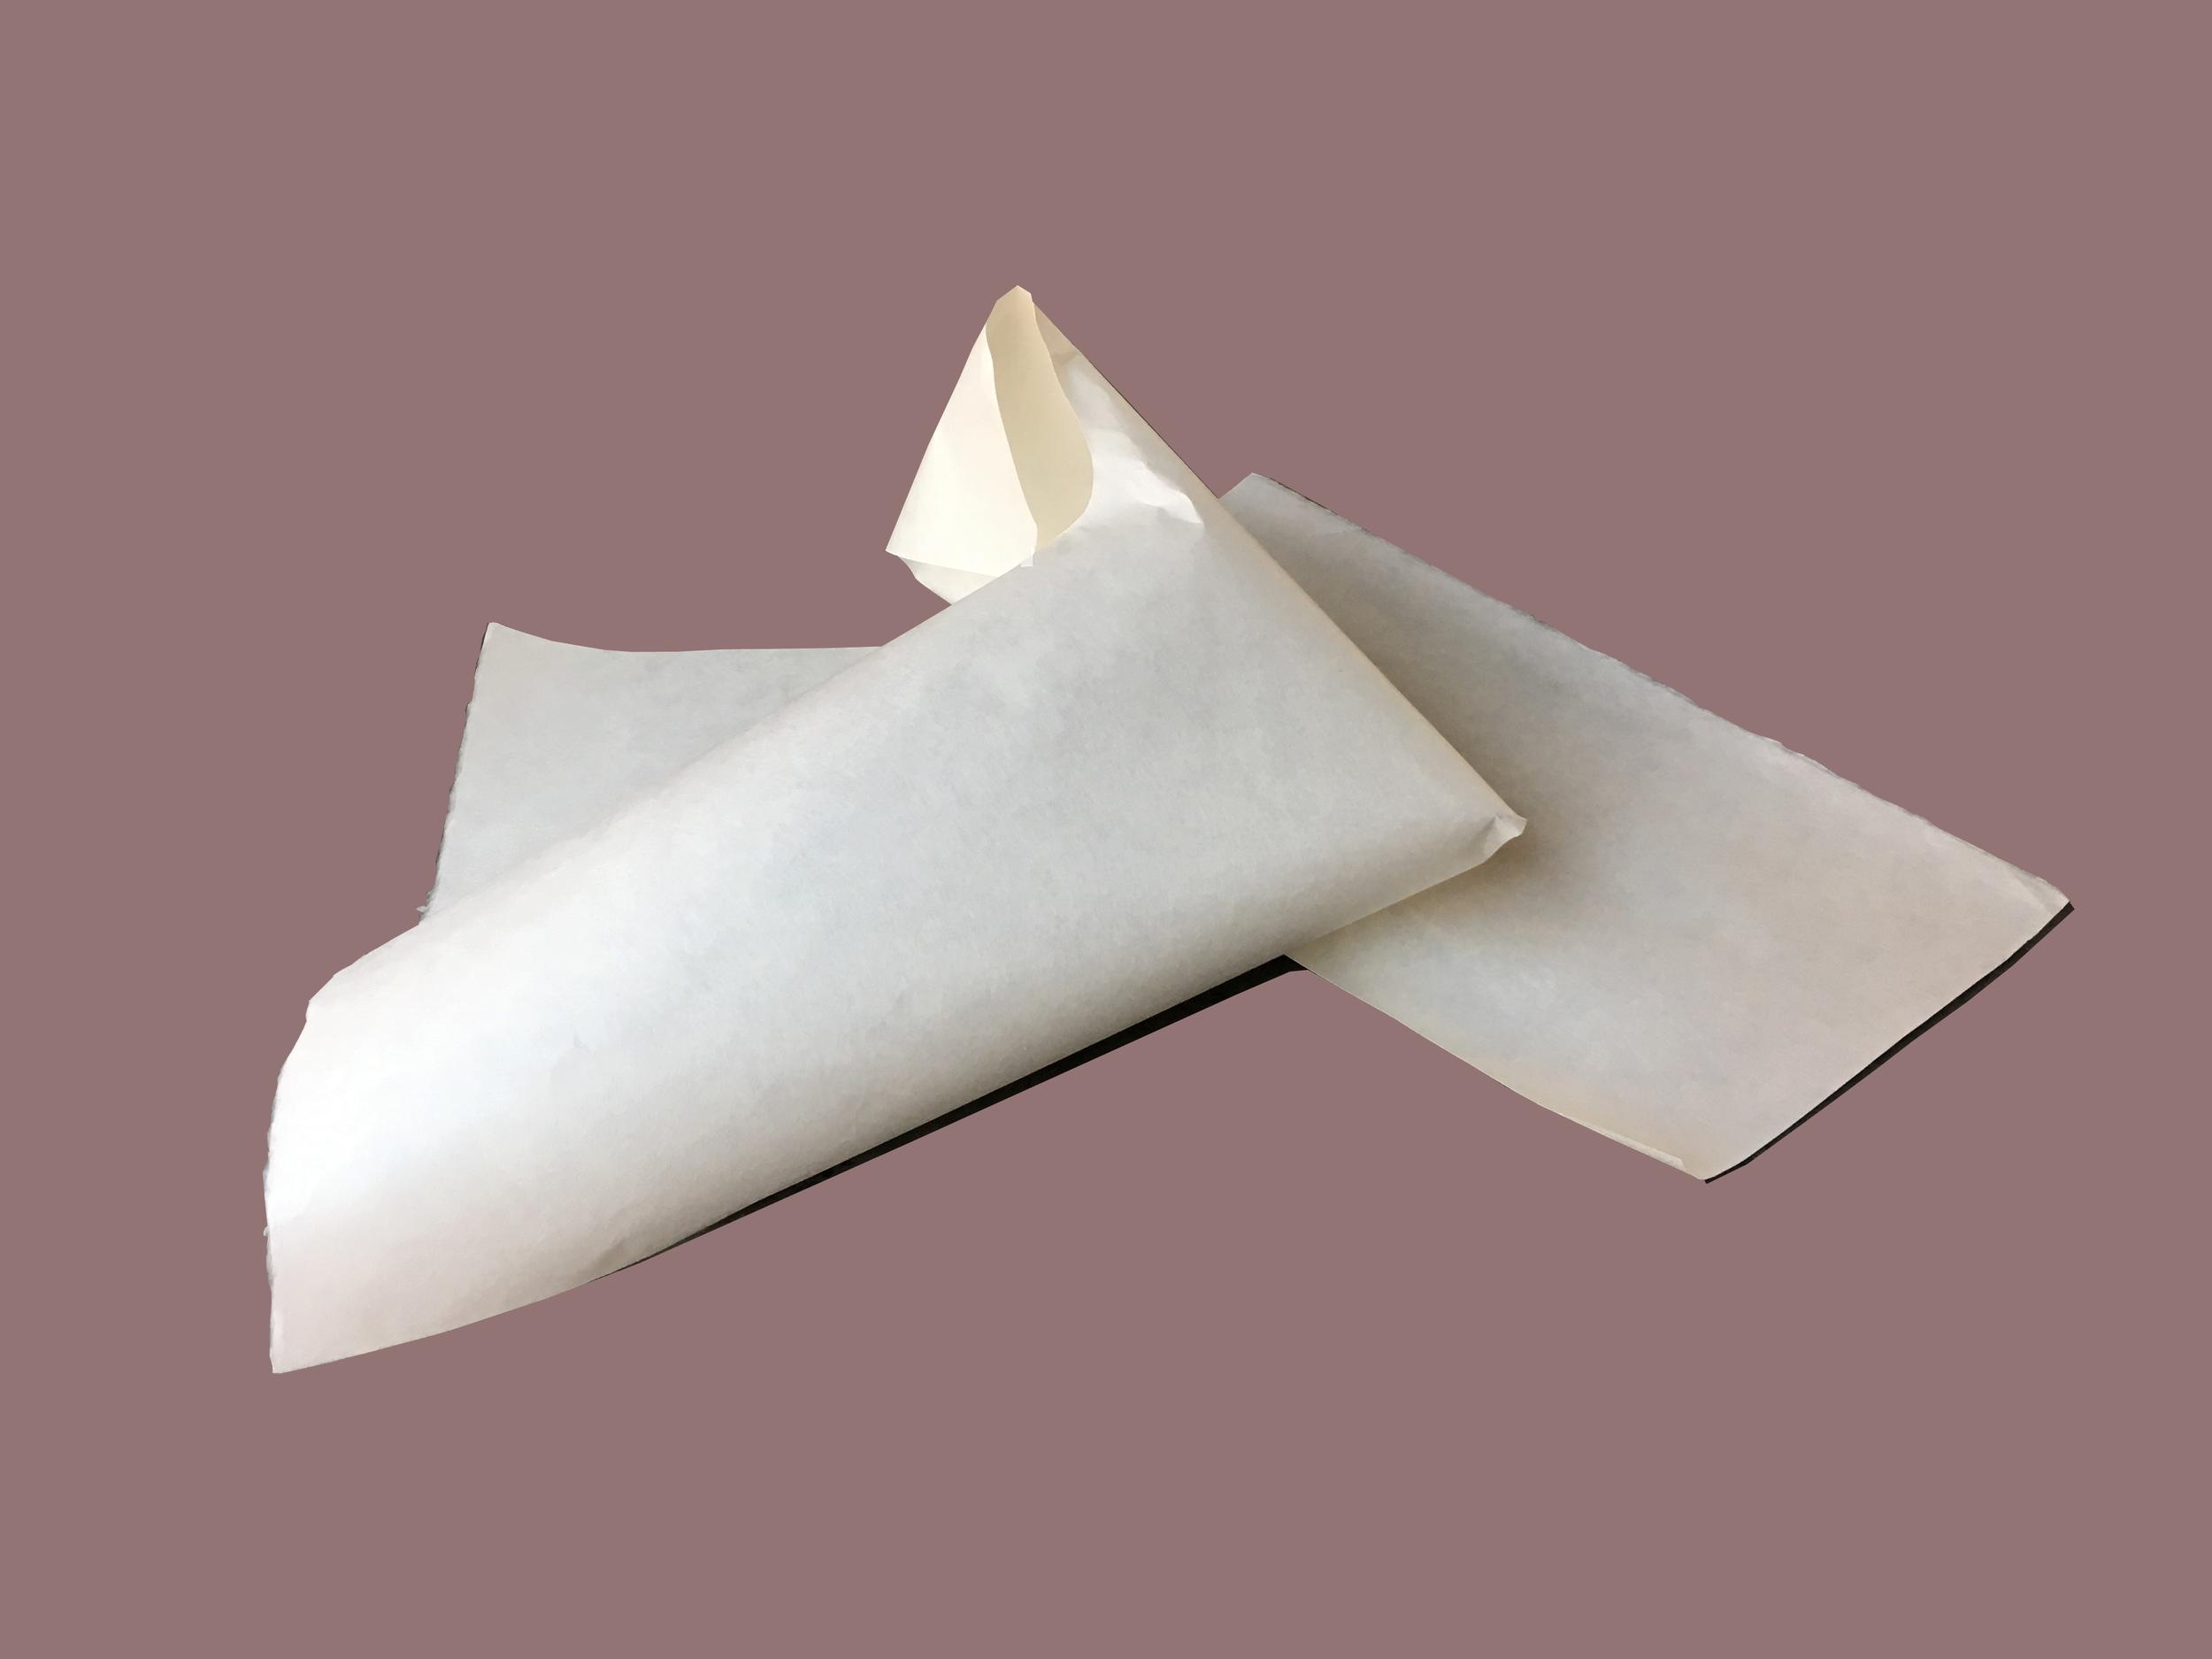 Dancing Paper 2 - a89393-a58585.png